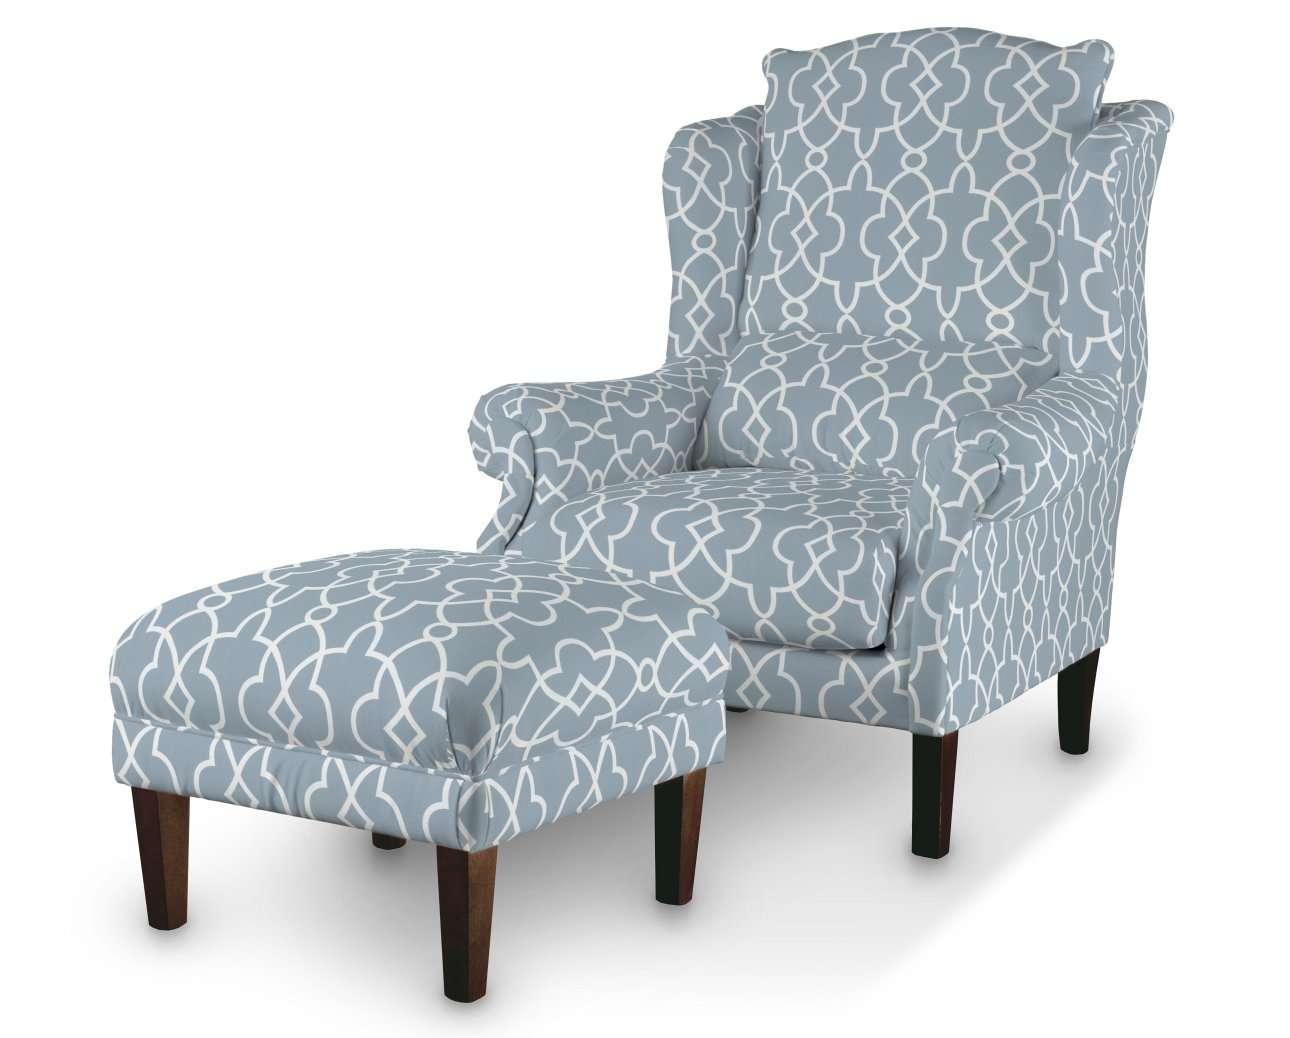 Podnóżek do fotela w kolekcji Gardenia, tkanina: 142-22